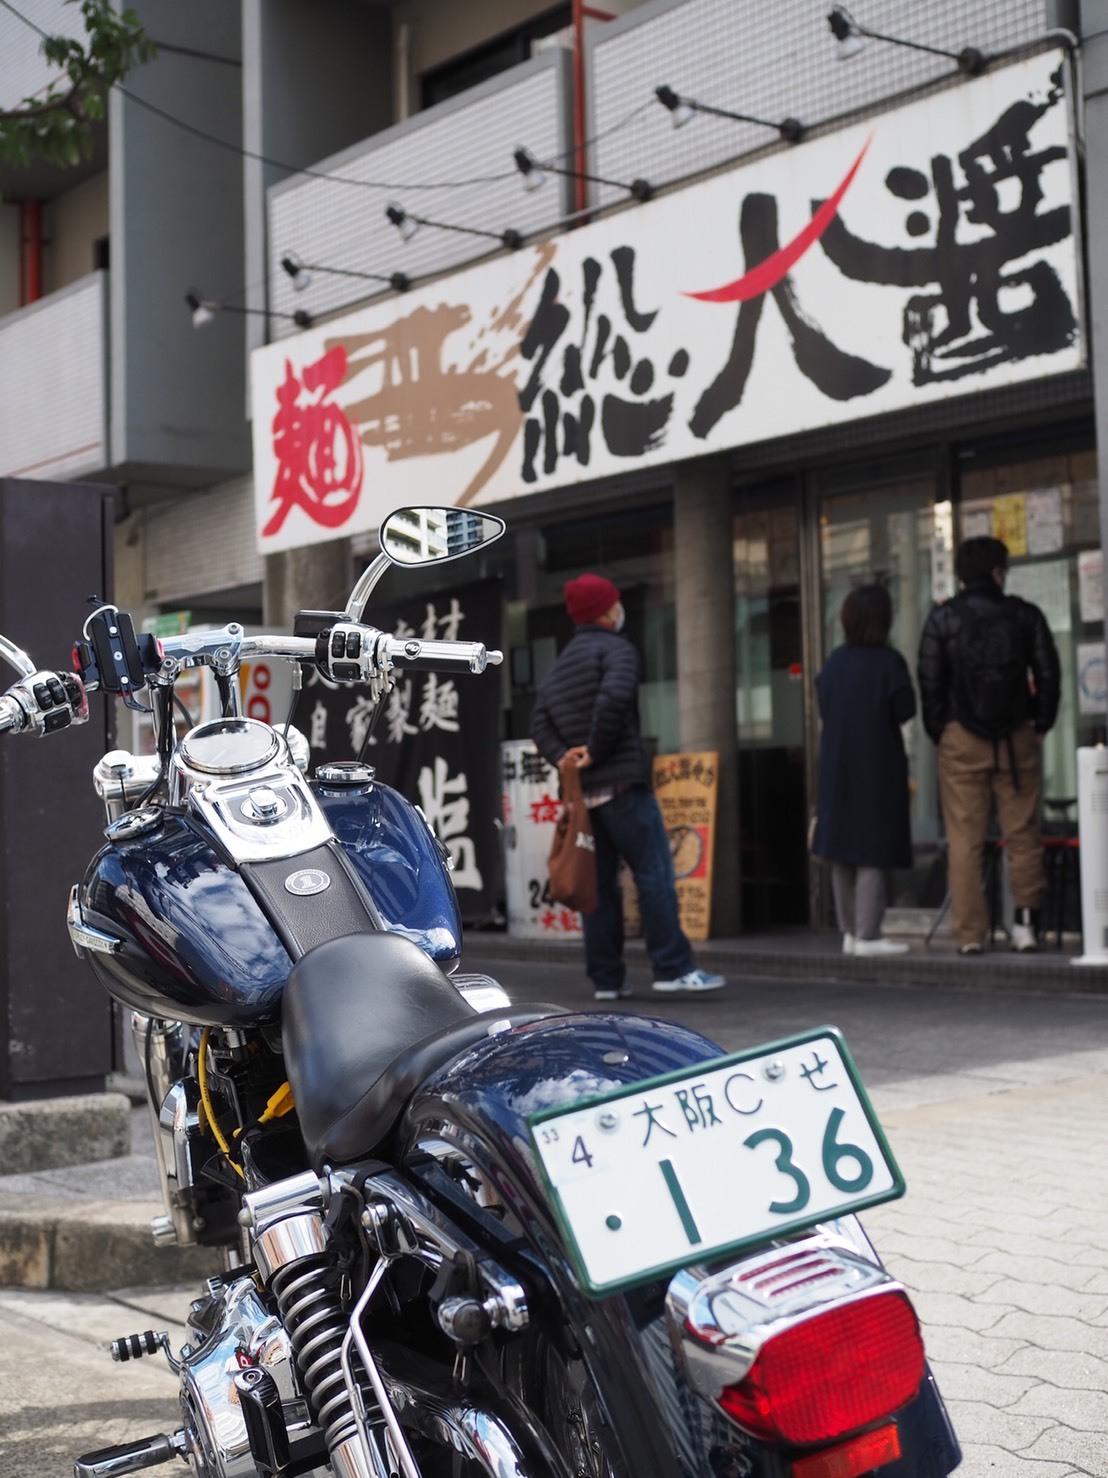 ぴーきちグルメブログ 大阪市北区 総大将 黒大将 醤油ラーメン ハーレー バイク ツーリング